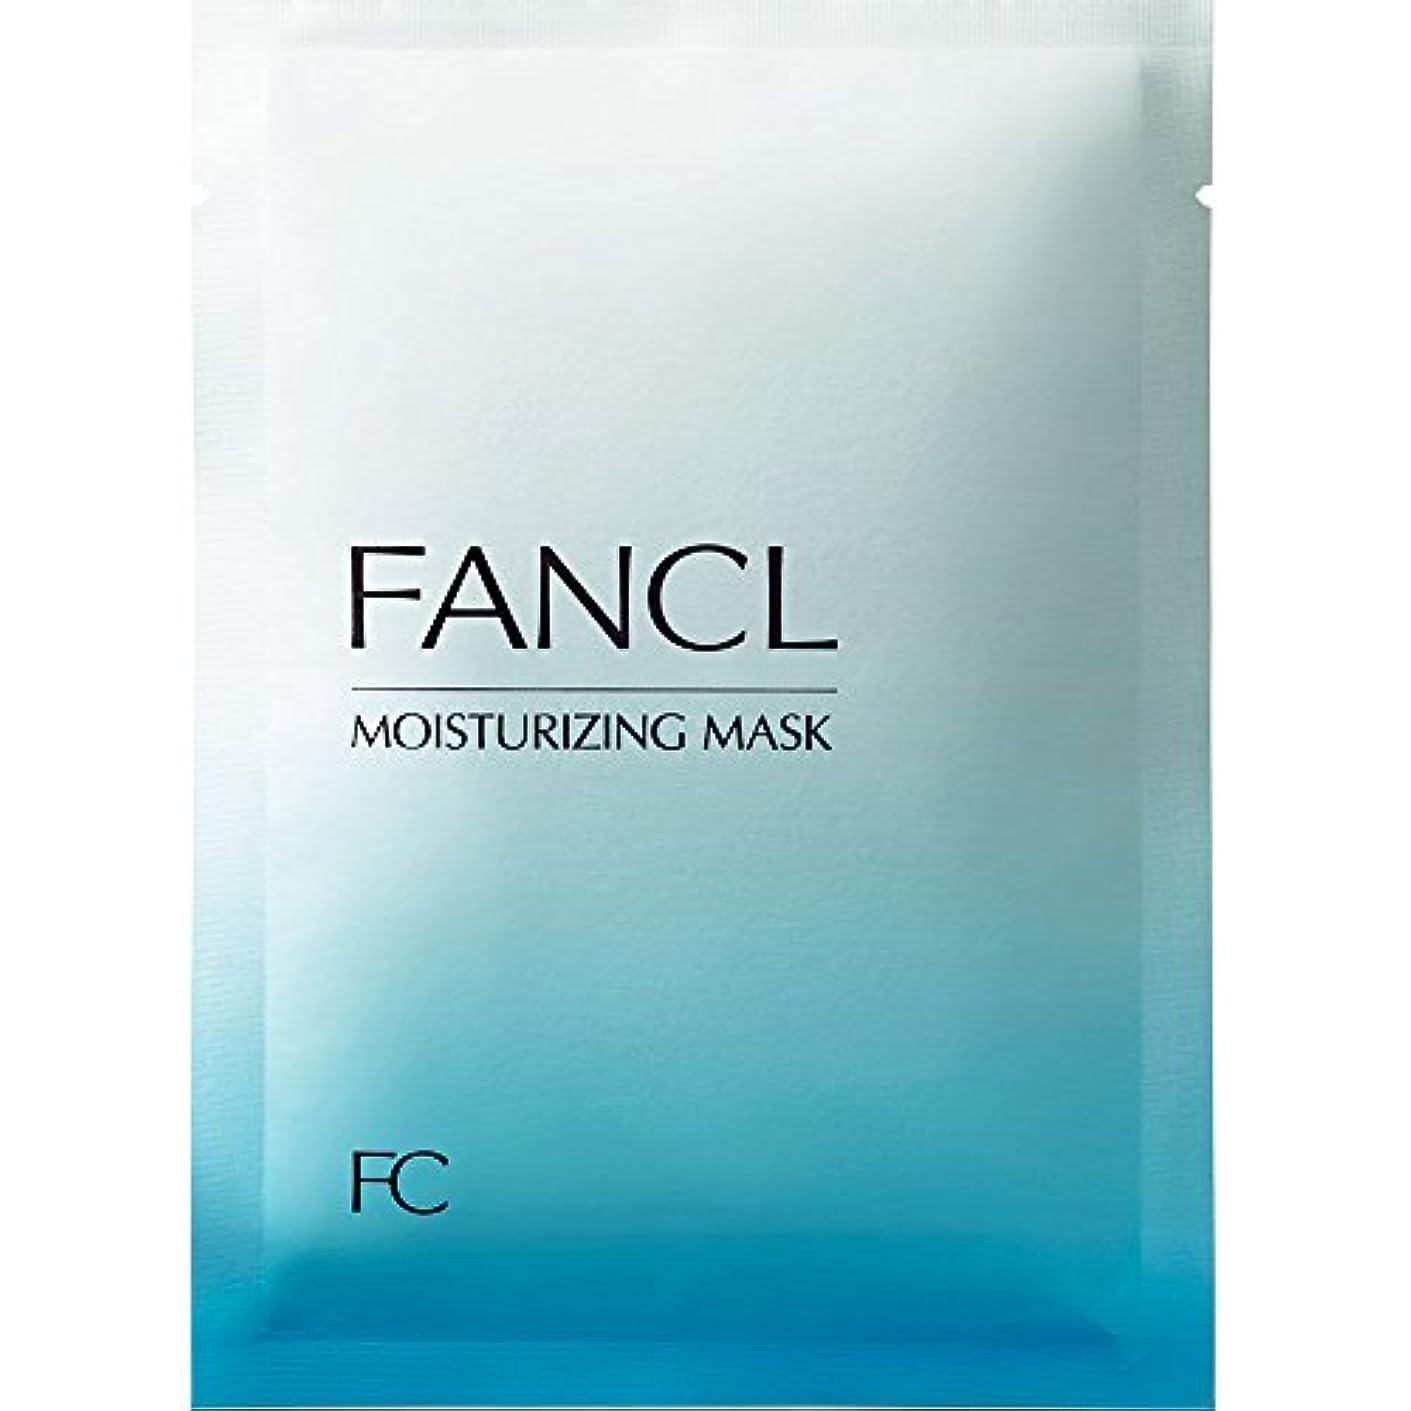 サンプル特異な暖かさファンケル(FANCL) モイスチャライジング マスク 18mL×6枚